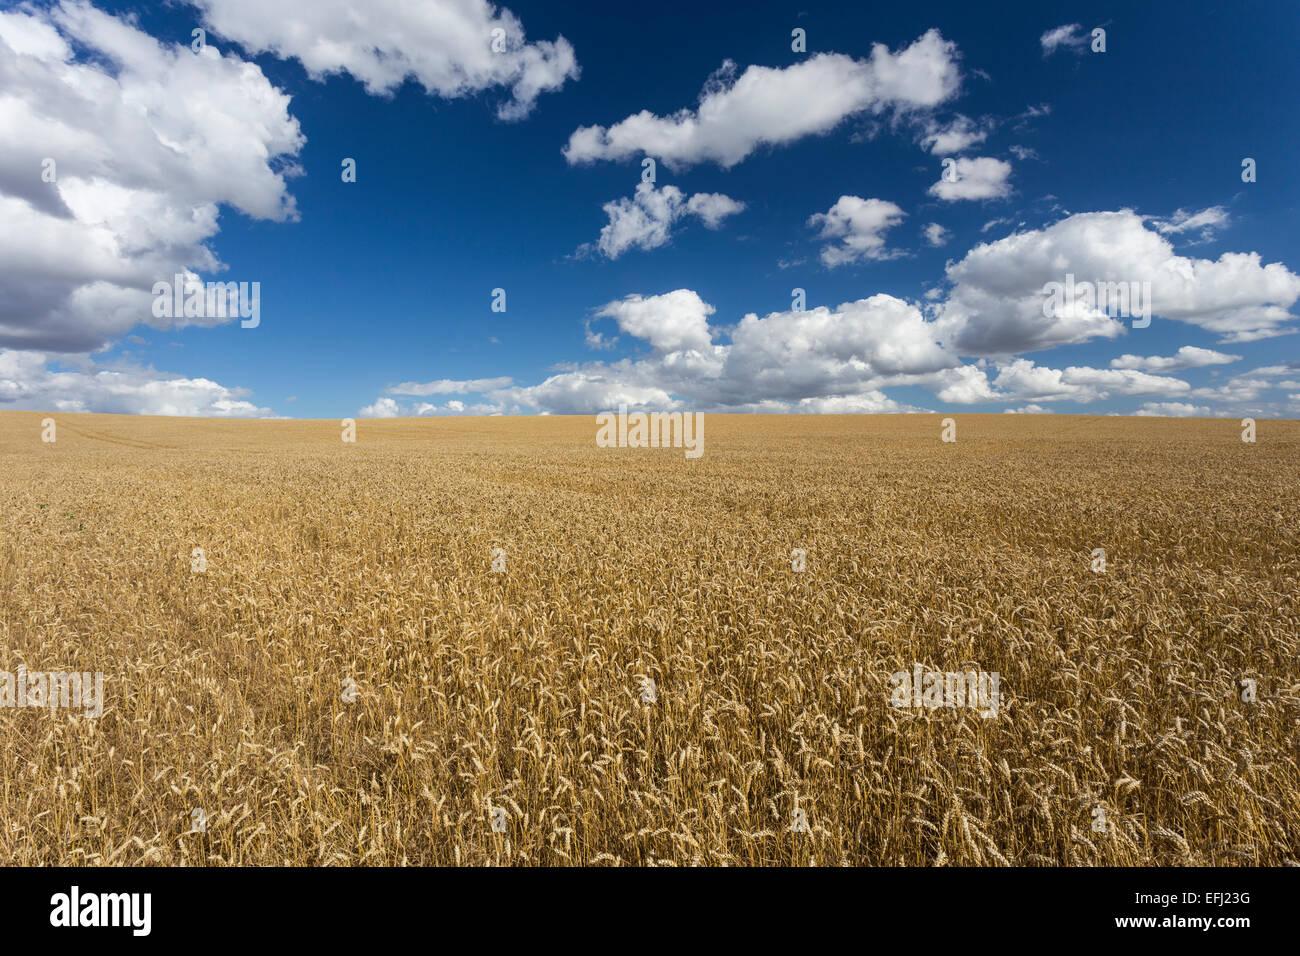 Campo de trigo, granja, Ickleford Cadwell, Hitchin, Herts, England, Reino Unido Imagen De Stock